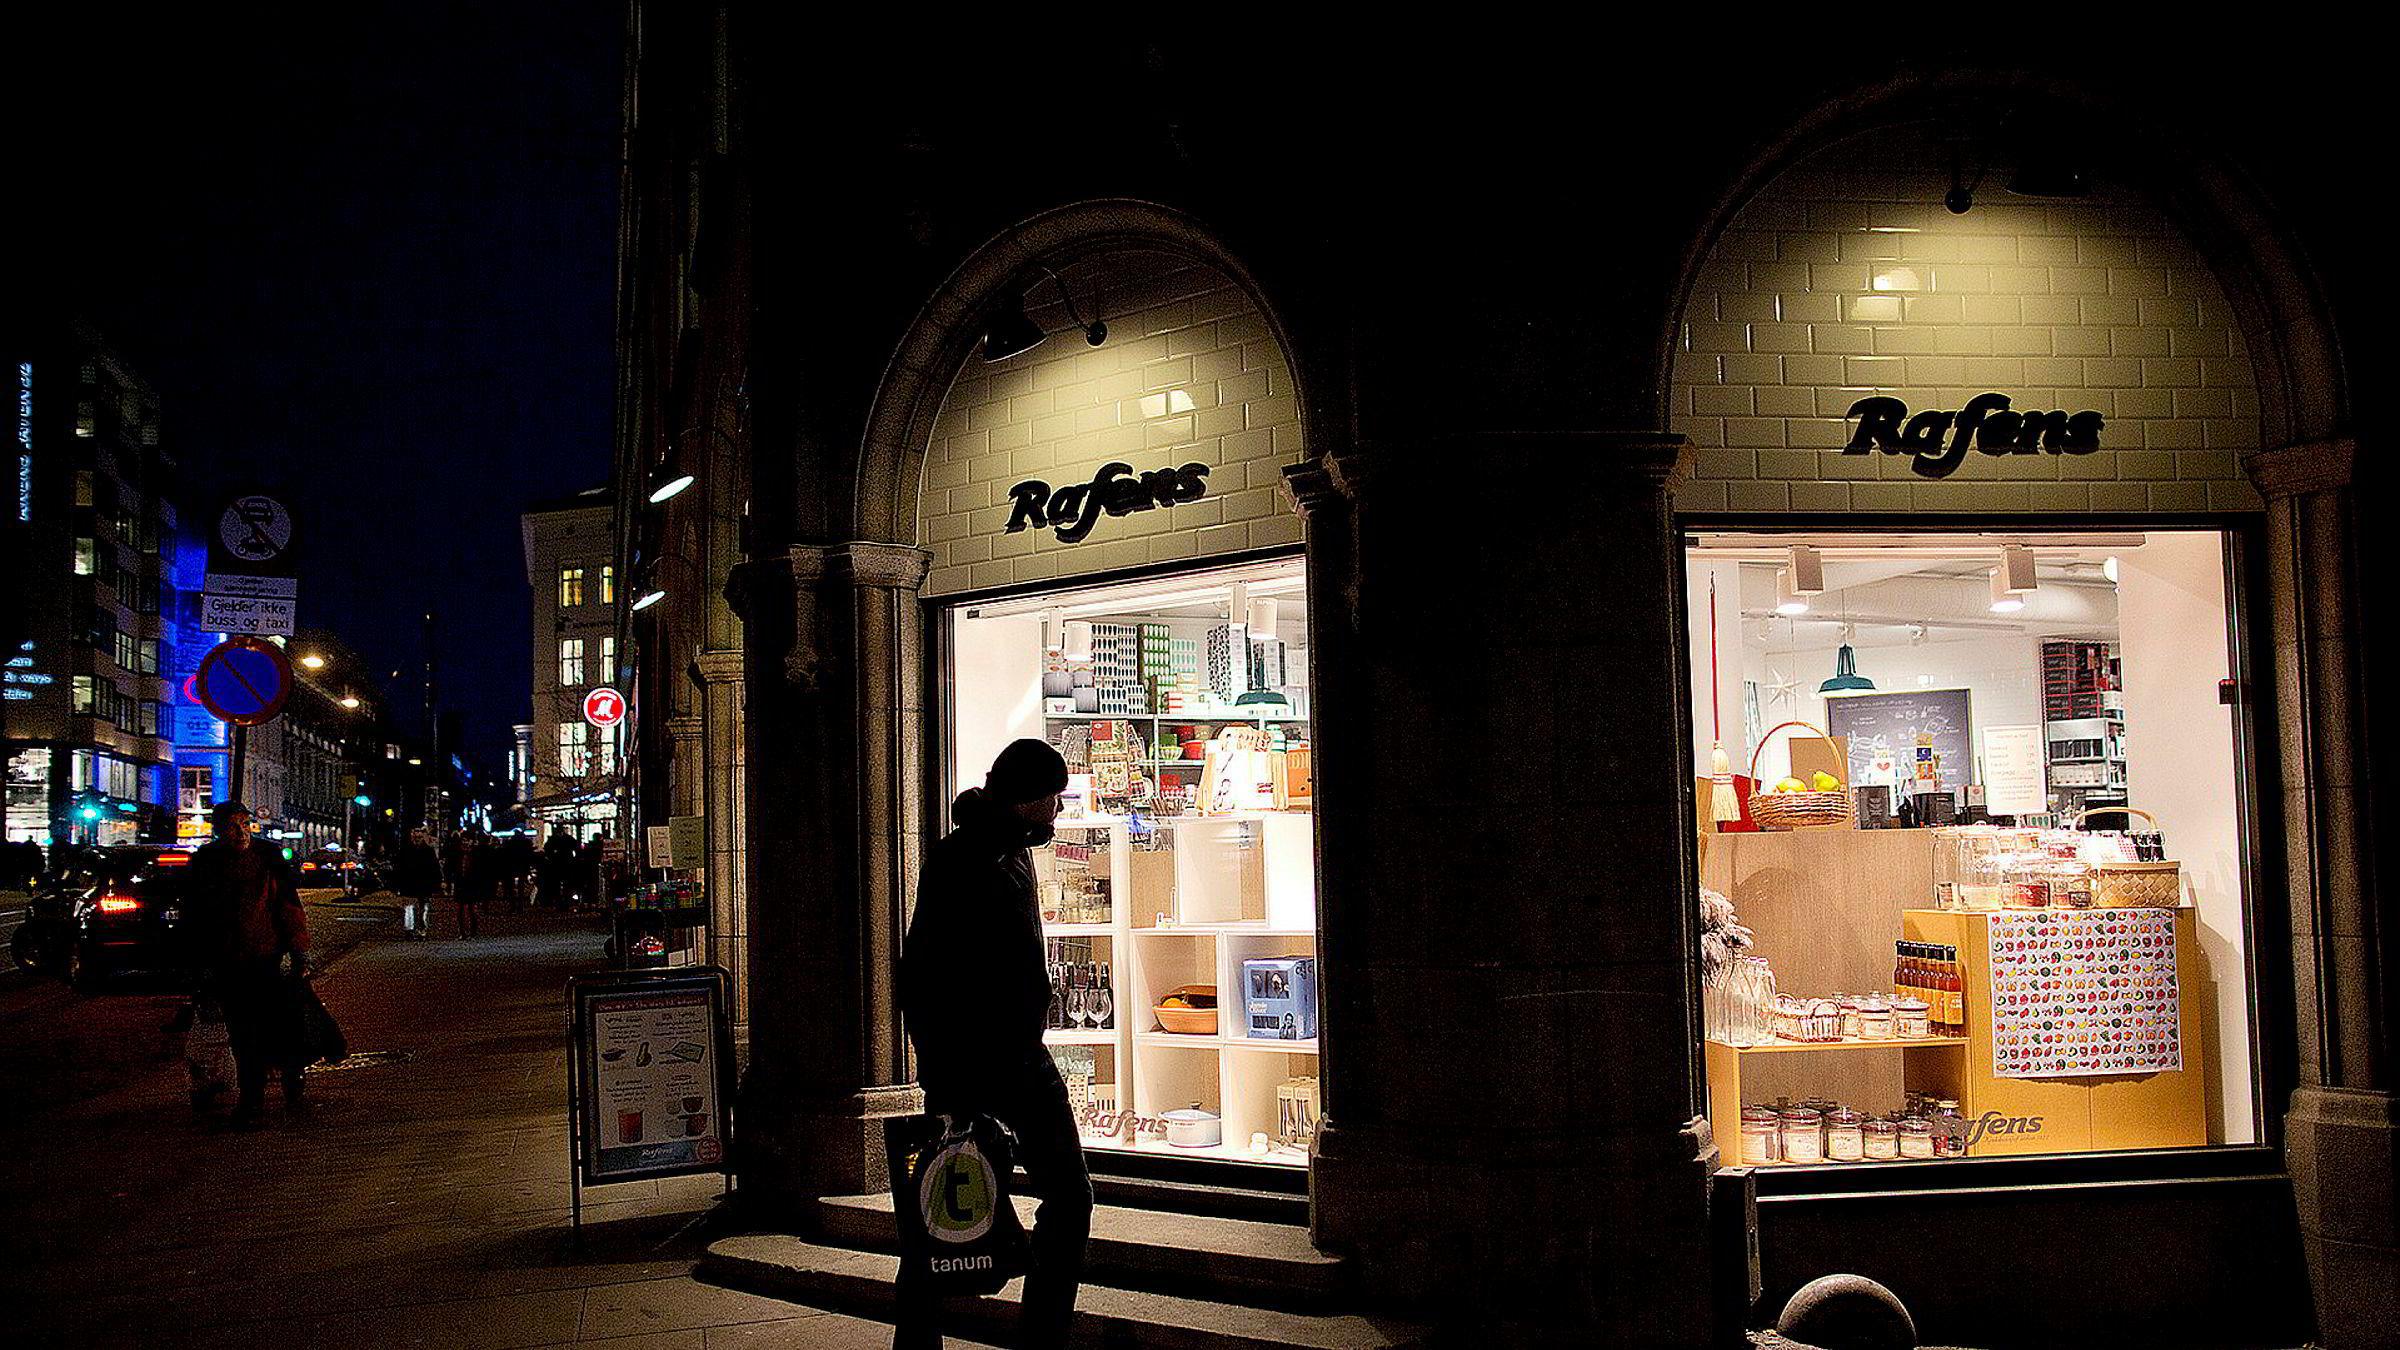 Rafens-filial i Grensen 16 i Oslo blir trolig Kitchn-butikk, ifølge daglig leder i Rafens-eier Tirag, Odd Sverre Arnøy.